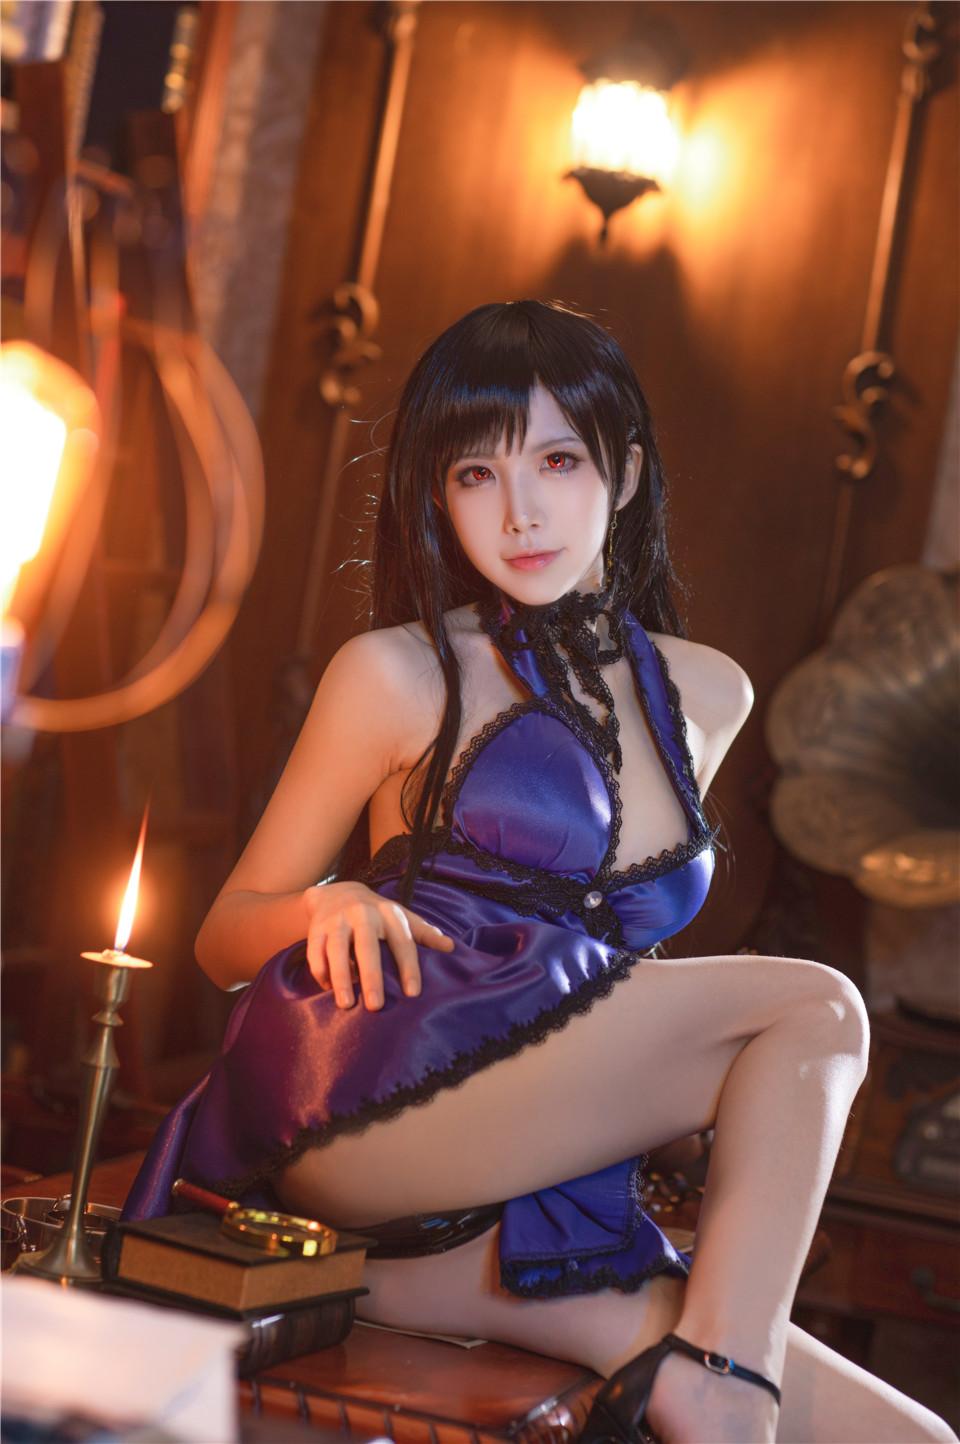 水淼aqua_NO.041 蒂法旗袍和礼服